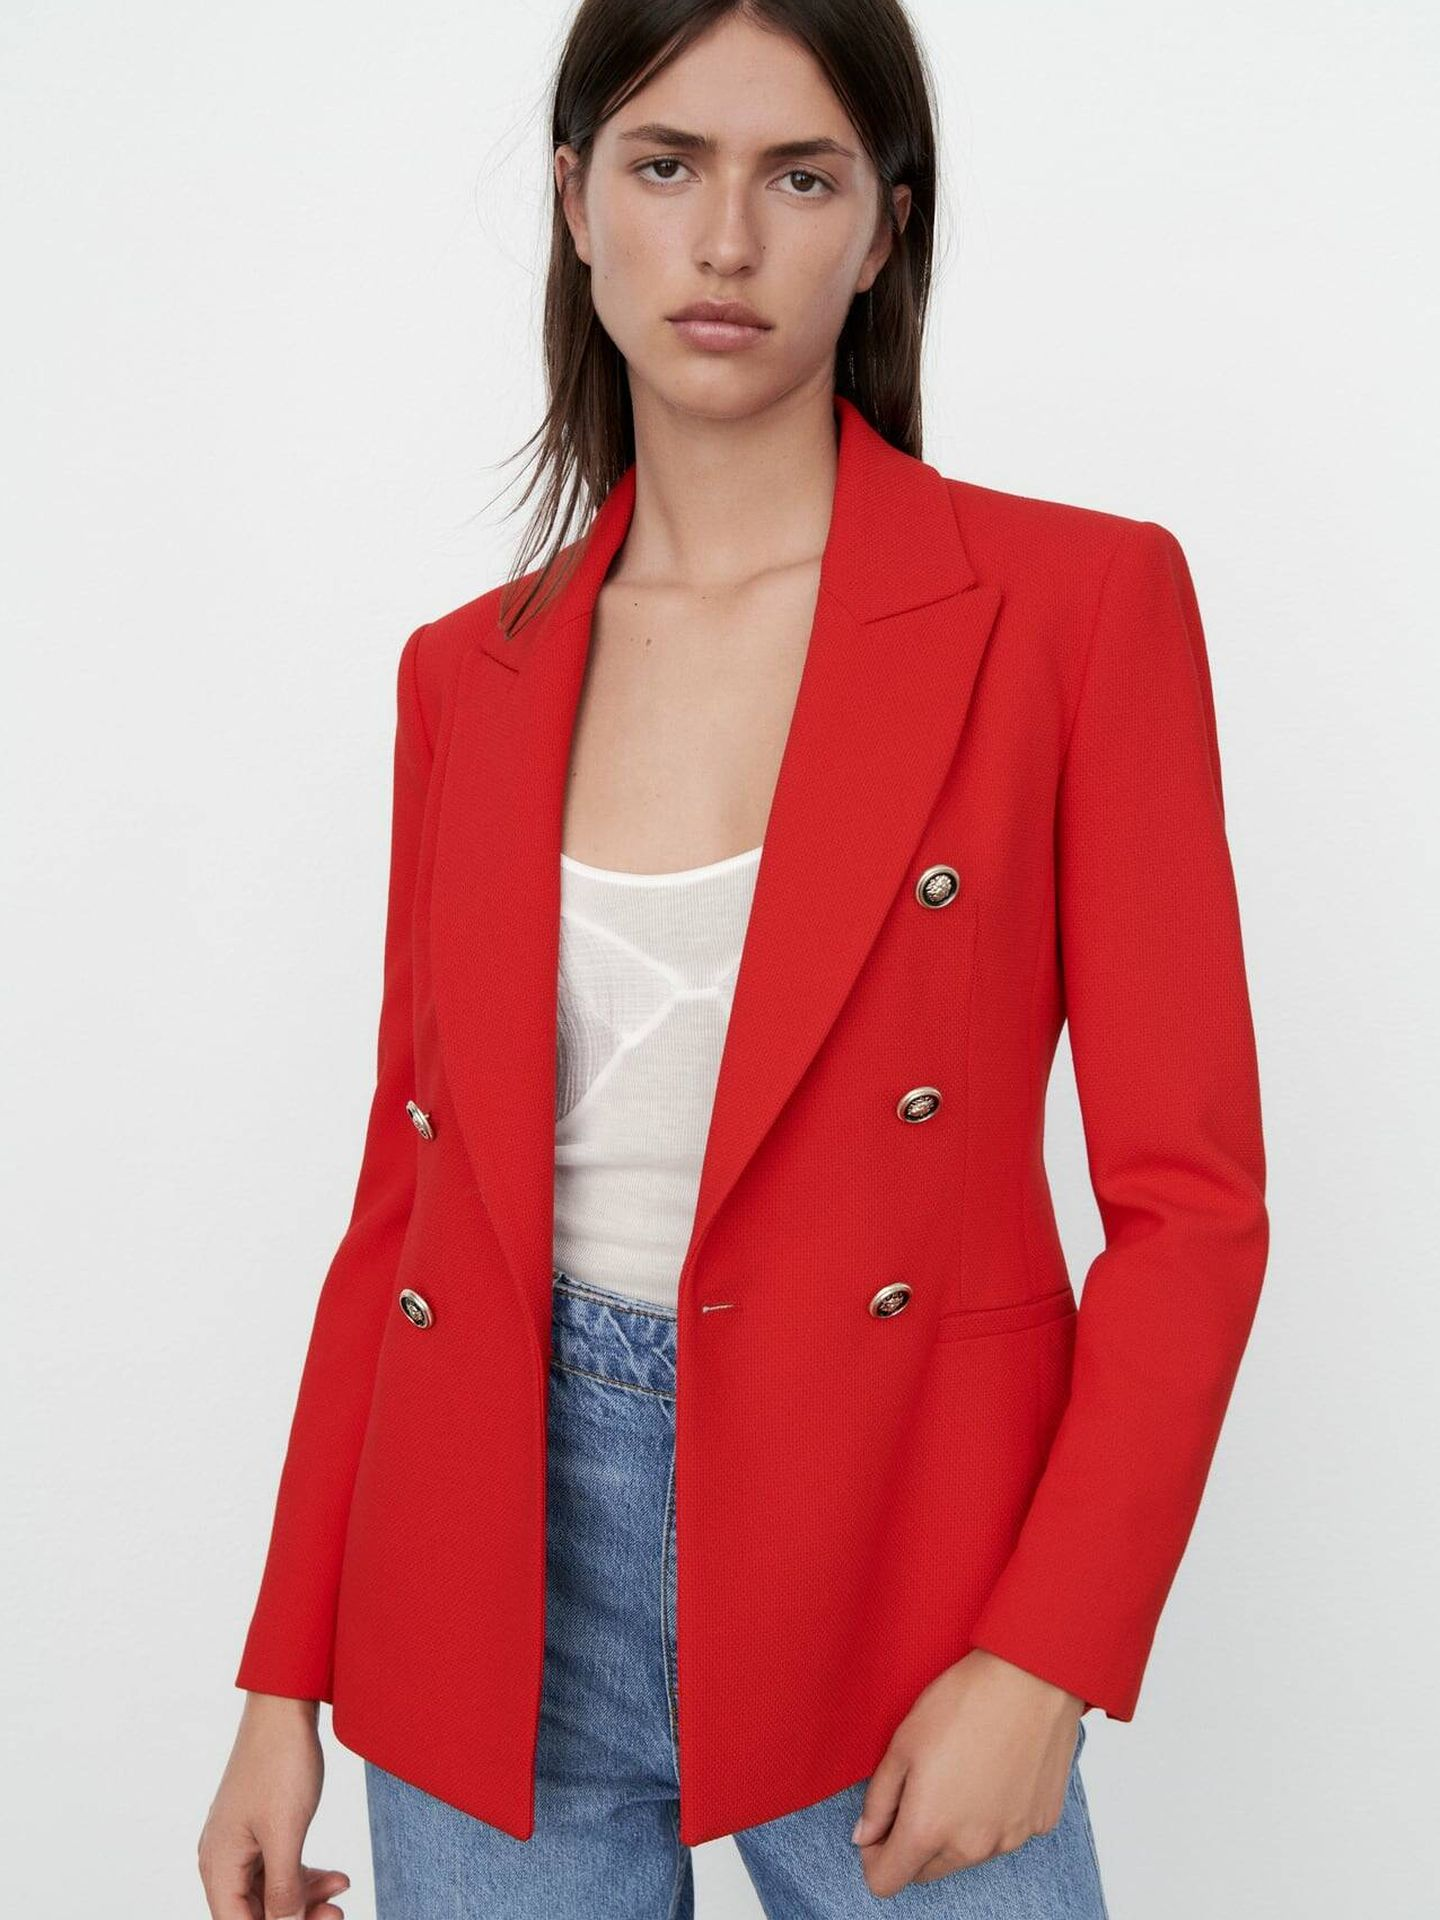 Americana roja de Zara. (Cortesía)